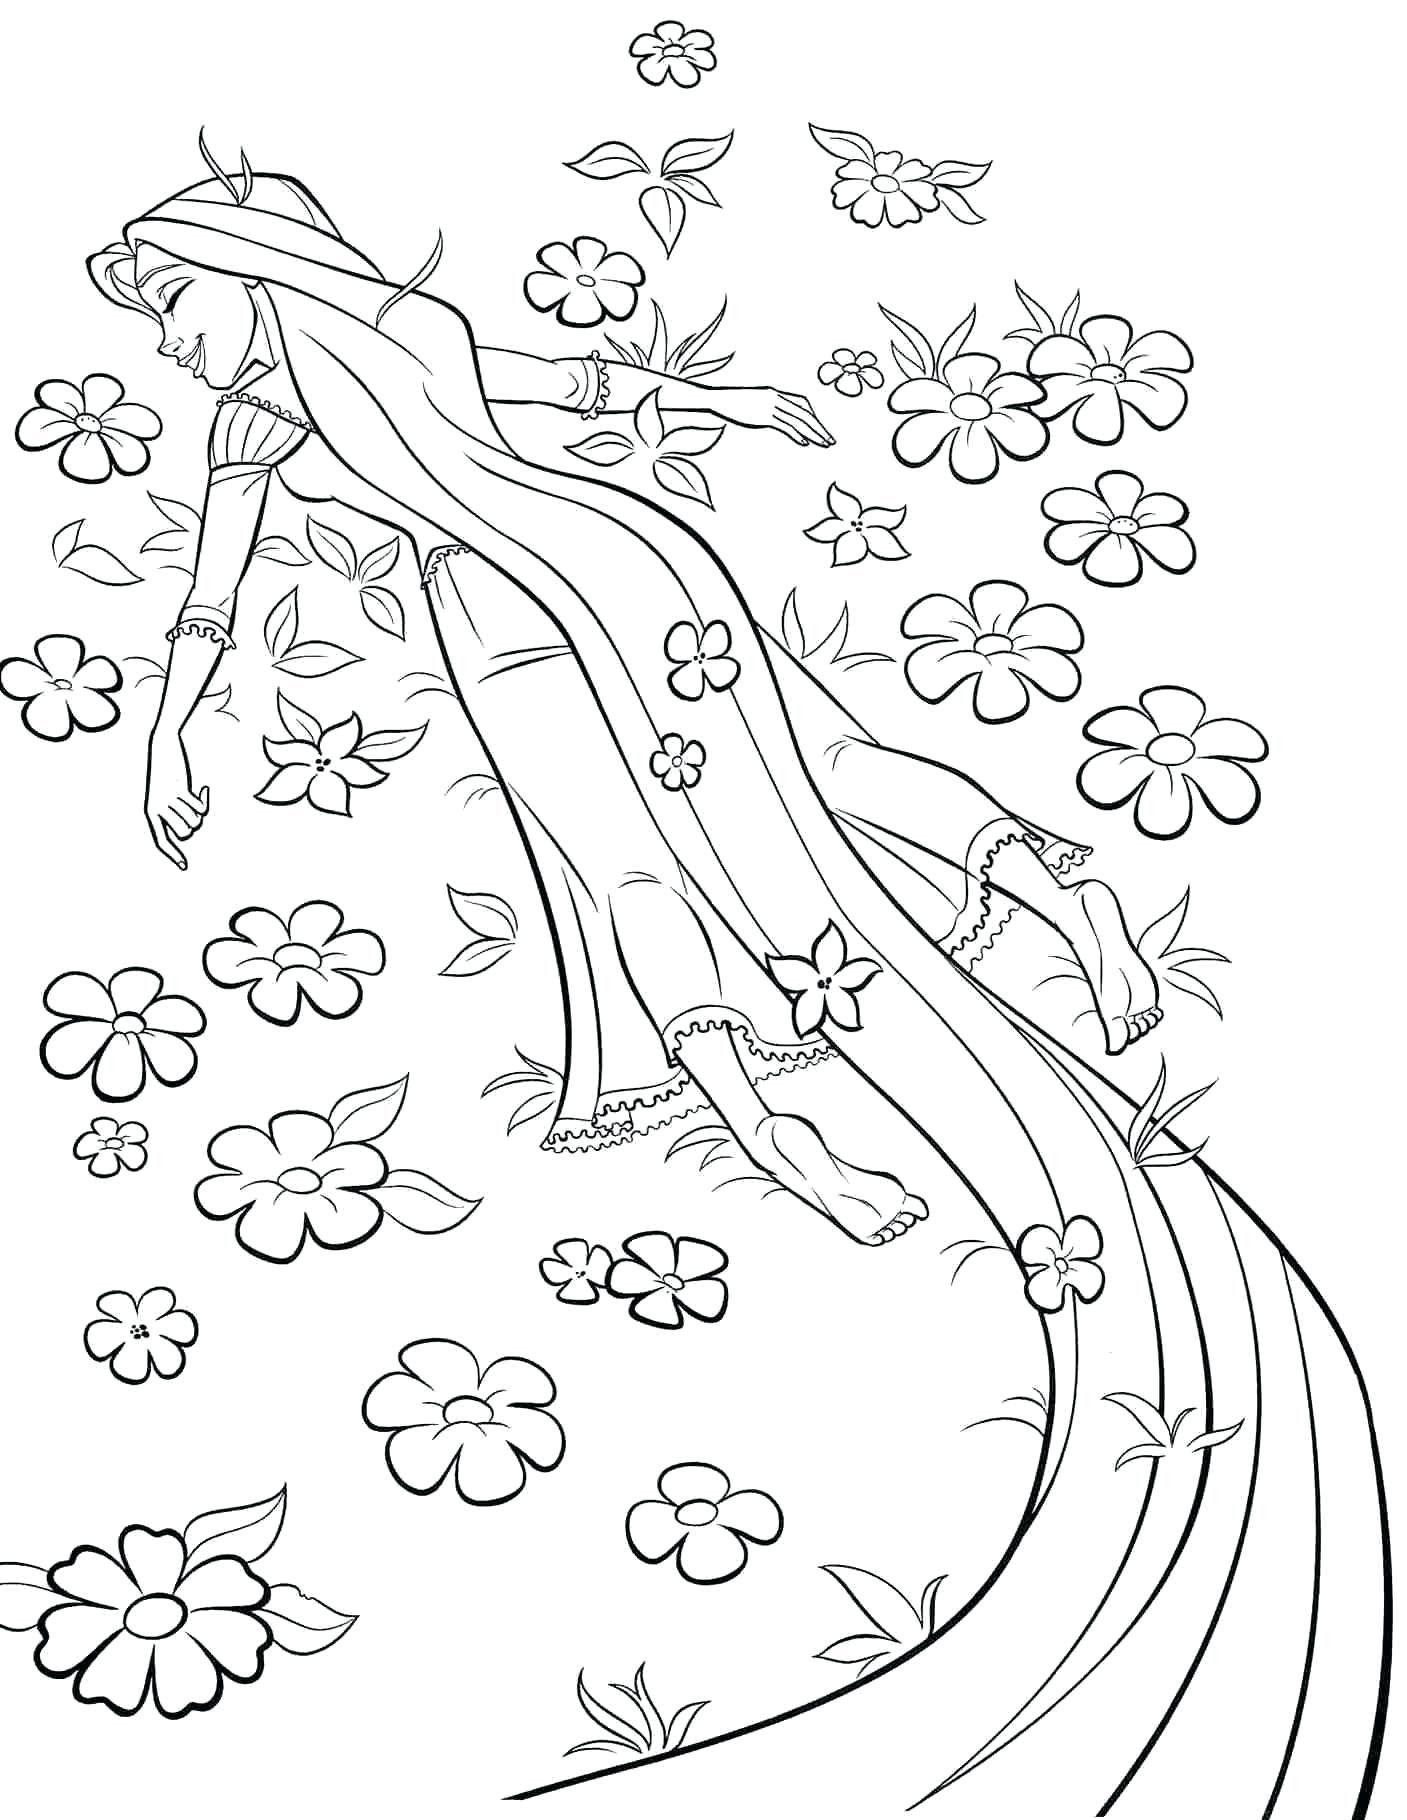 Disney Princess Rapunzel Coloring Pages Coloring Pages Disney Rapunzel Coloring Book Out Tangled Coloring Pages Princess Coloring Pages Rapunzel Coloring Pages